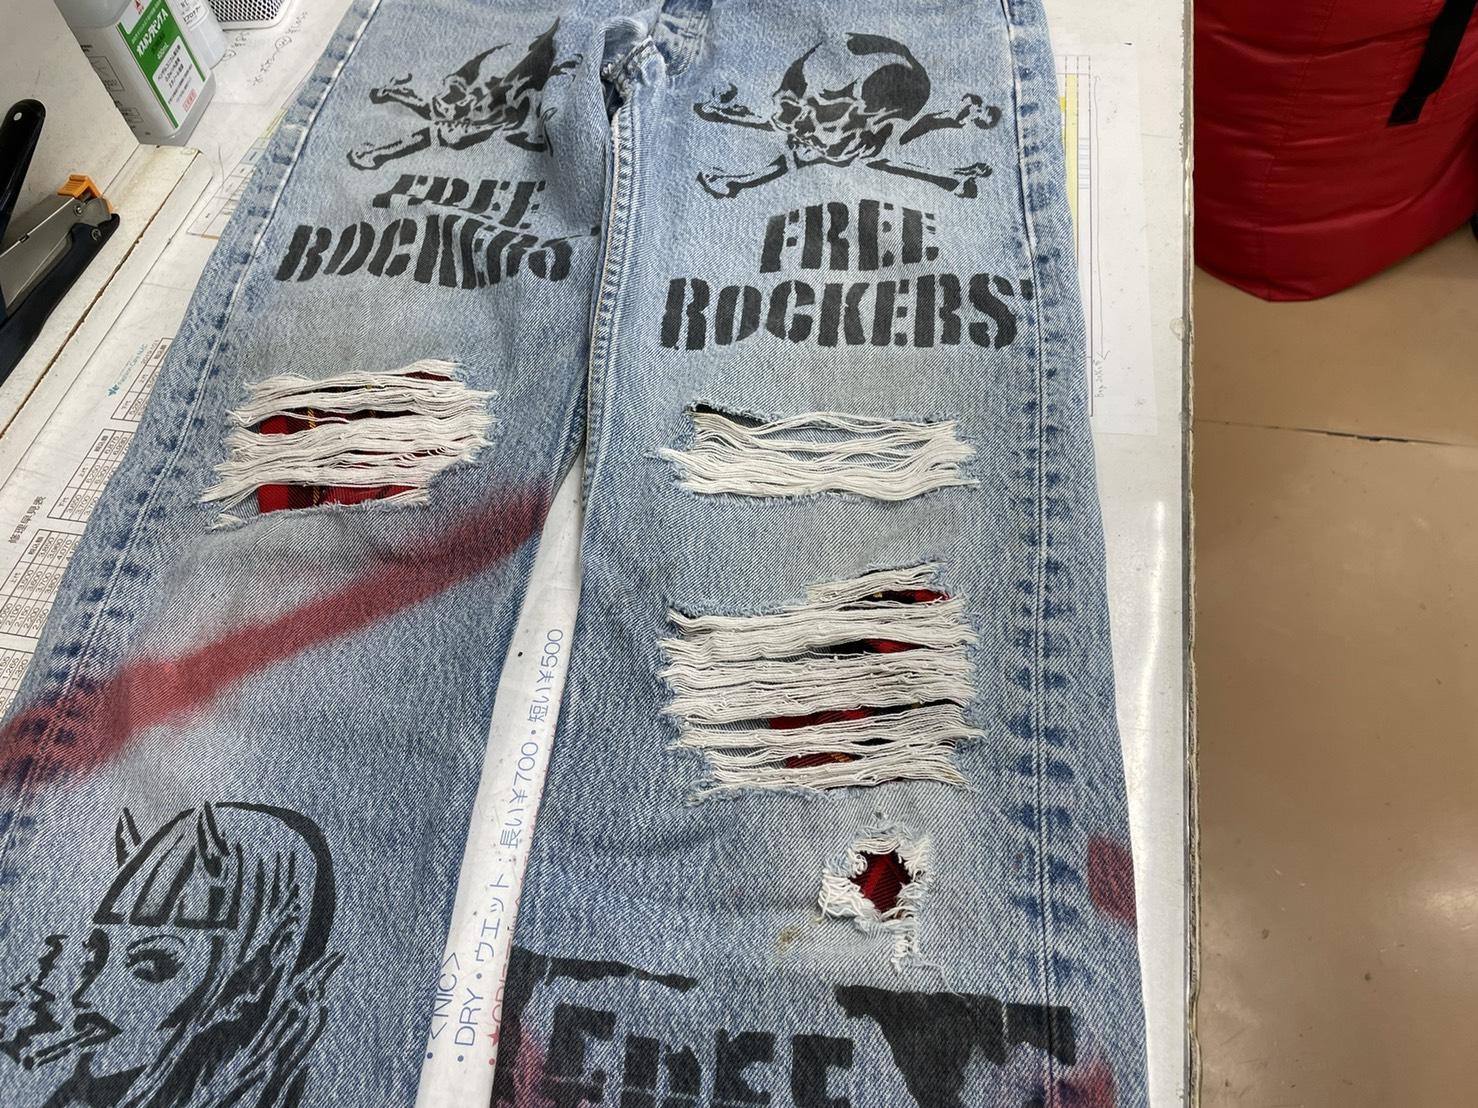 ≪ジーンズの破れ直し~ミシン刺しに赤いステッチを入れてデザイン風に~≫